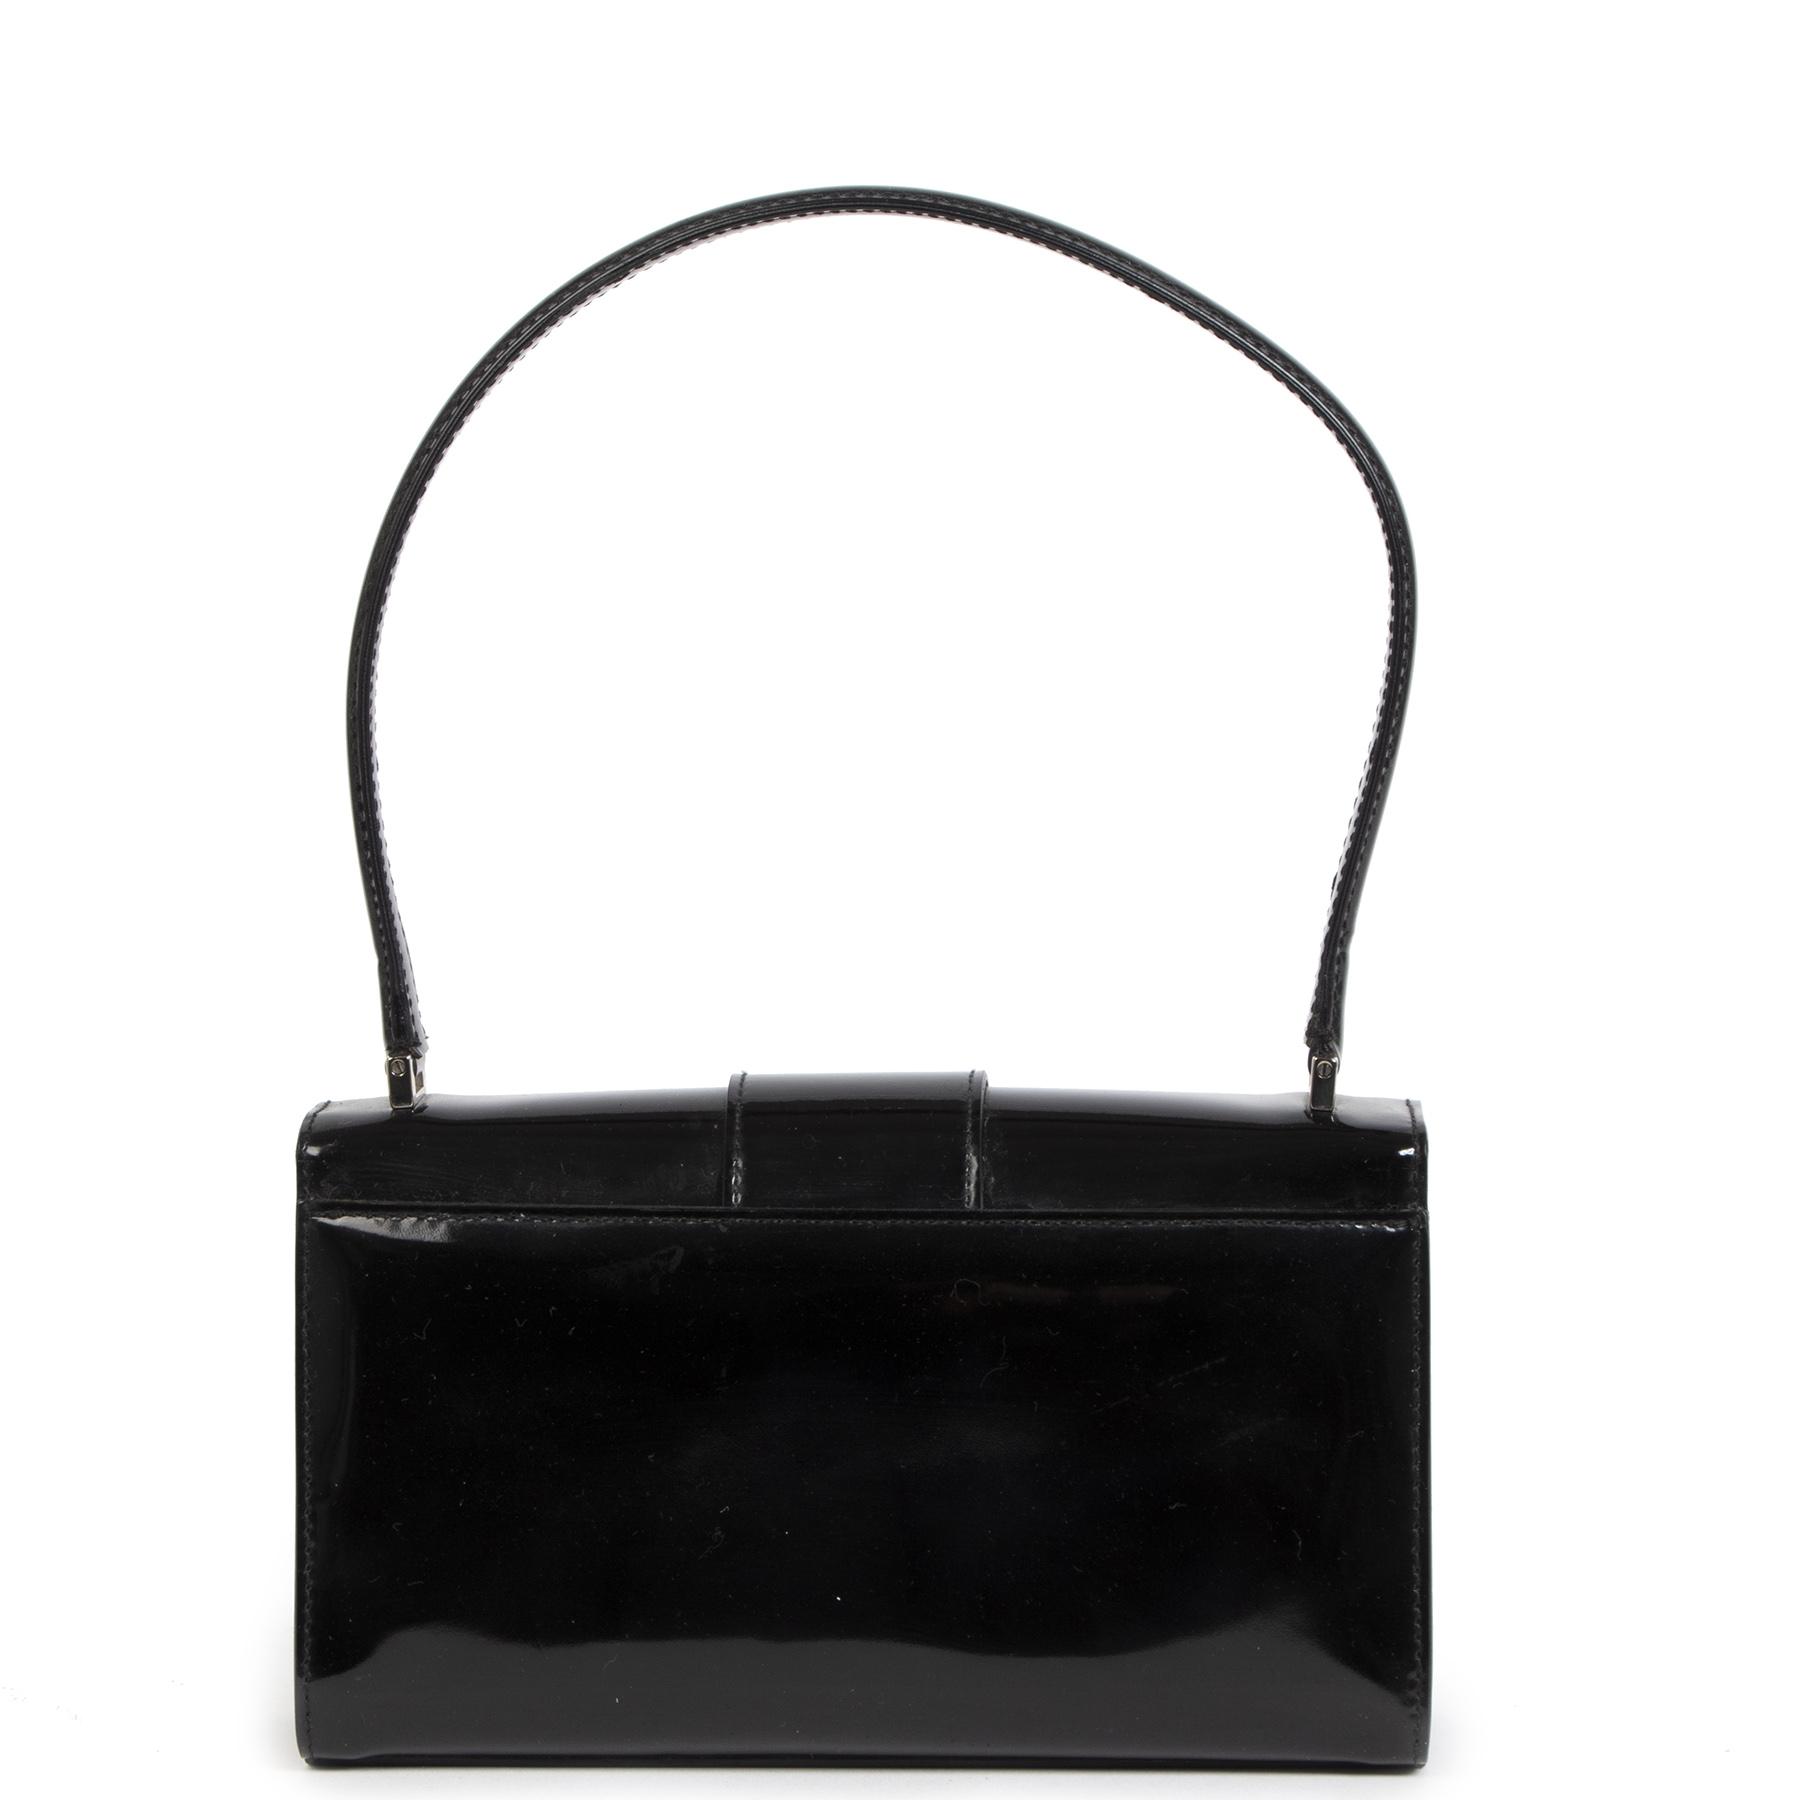 Authentieke Tweedehands Salvatore Ferragamo Black Patent Leather Bag juiste prijs veilig online shoppen luxe merken webshop winkelen Antwerpen België mode fashion